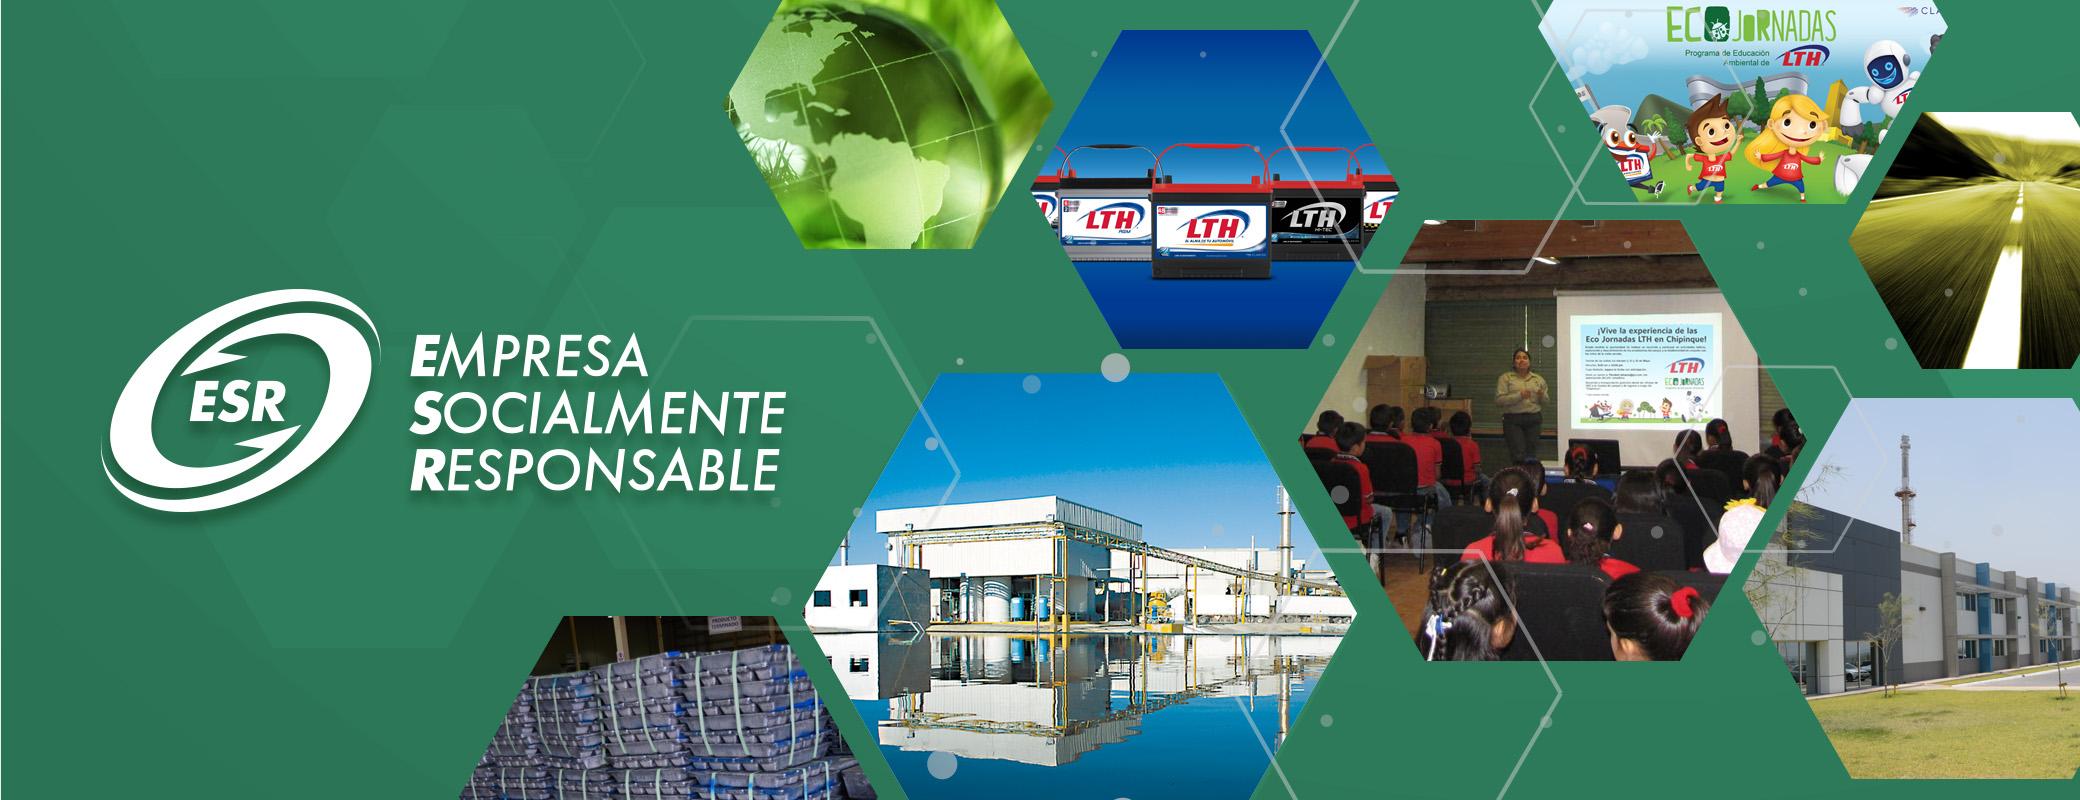 Baterías LTH, Certificaciones Distintivo ESR aseguramos los requerimientos de la industria automotriz global